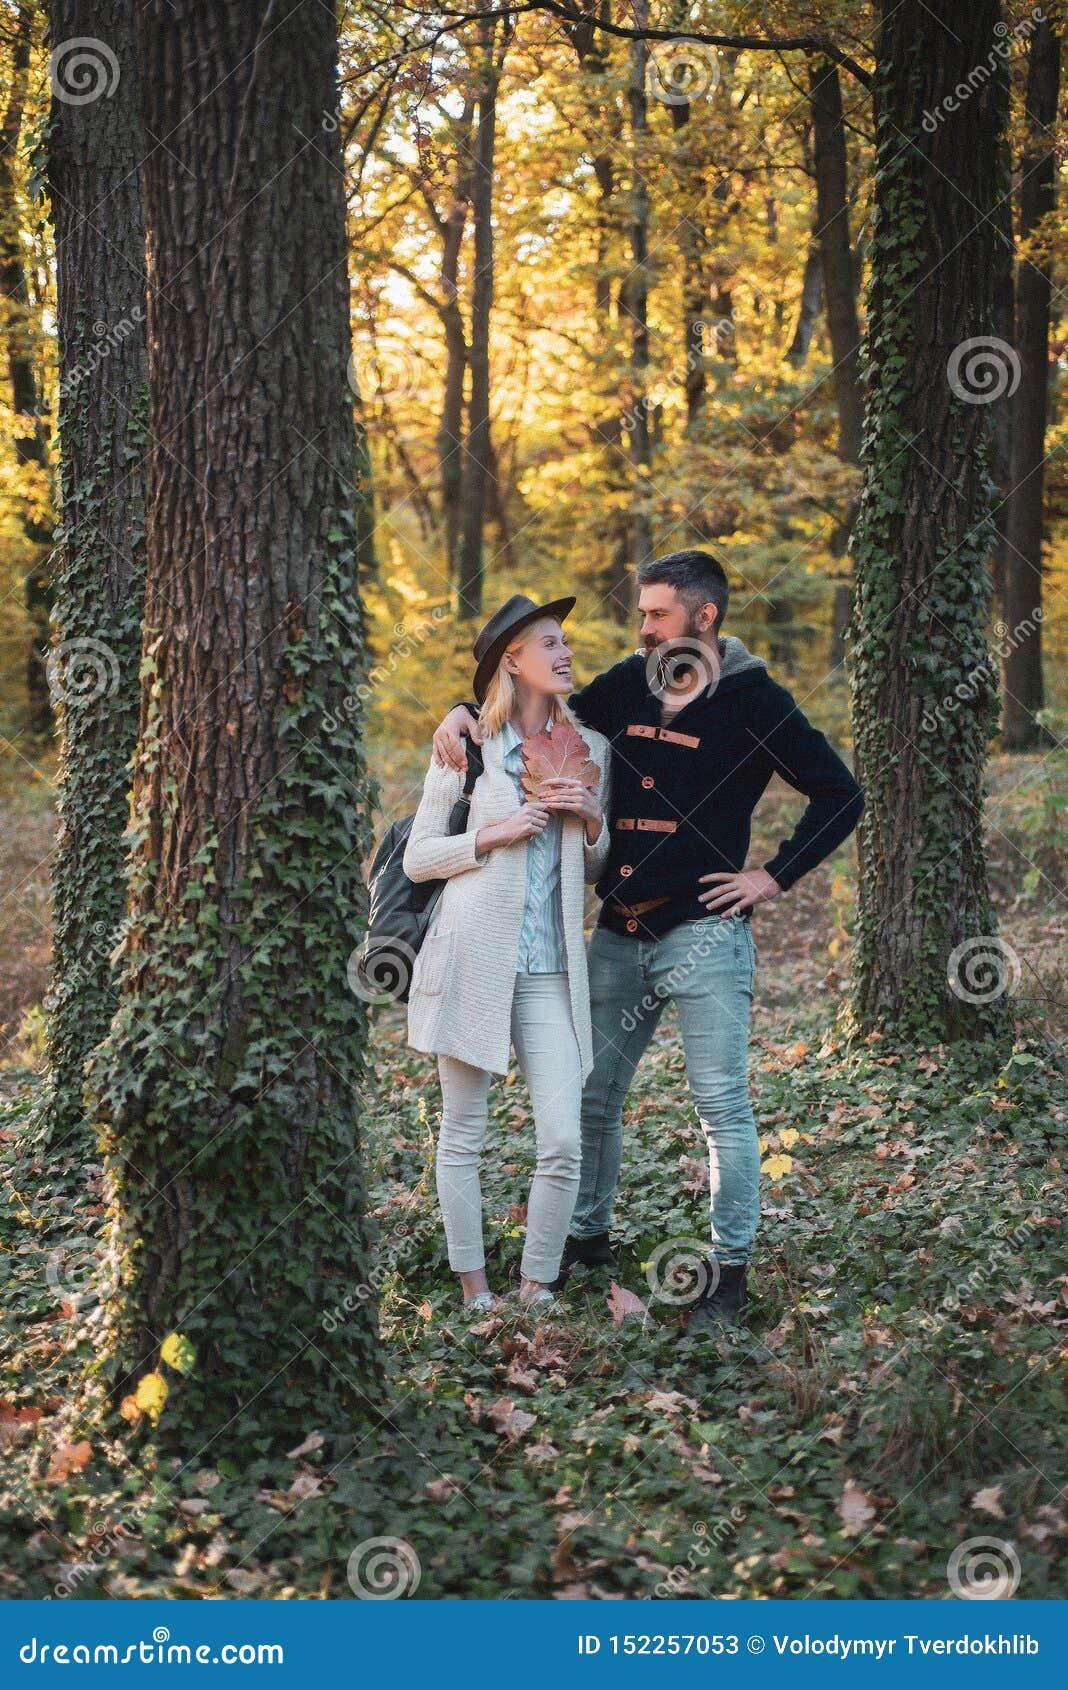 Romantische Paare Hallo Herbst Junge Paare mit herbstlicher Stimmung Herbstreisen Glückliches Paar auf Herbstweg